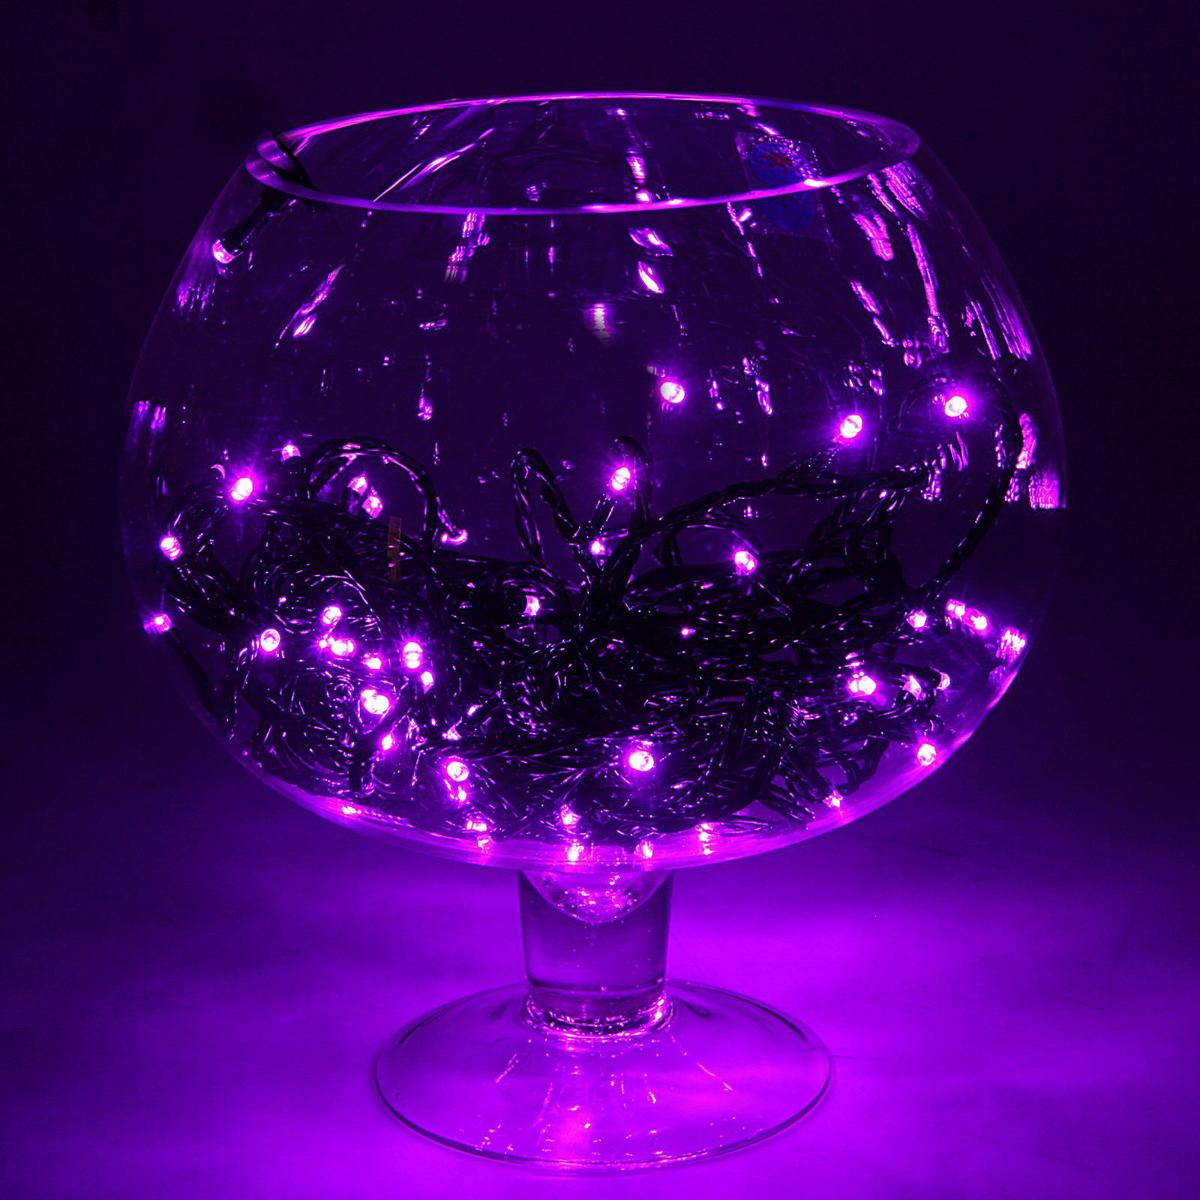 Гирлянда Luazon Метраж, длина 10 м, LED 100 ламп, 24В, цвет: фиолетовый. 16720361672036Светодиодные гирлянды, ленты и т.д — это отличный вариант для новогоднего оформления интерьера или фасада. С их помощью помещение любого размера можно превратить в праздничный зал, а внешние элементы зданий, украшенные ими, мгновенно станут напоминать очертания сказочного дворца. Такие украшения создают ауру предвкушения чуда. Деревья, фасады, витрины, окна и арки будто специально созданы, чтобы вы украсили их светящимися нитями.